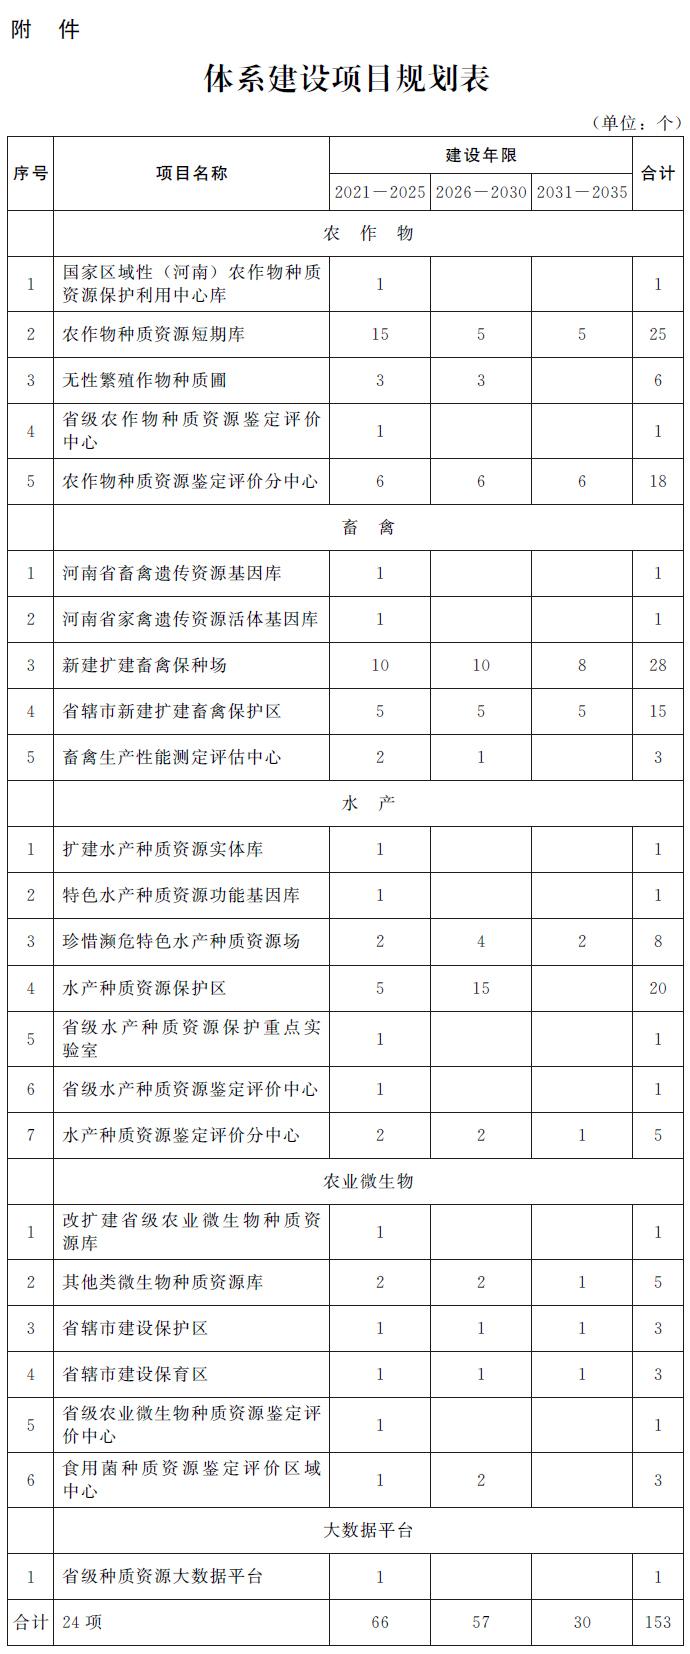 河南省beplay办公厅关于印发河南省农业种质资源保护与利用发展规划(2021—2035年)的通知